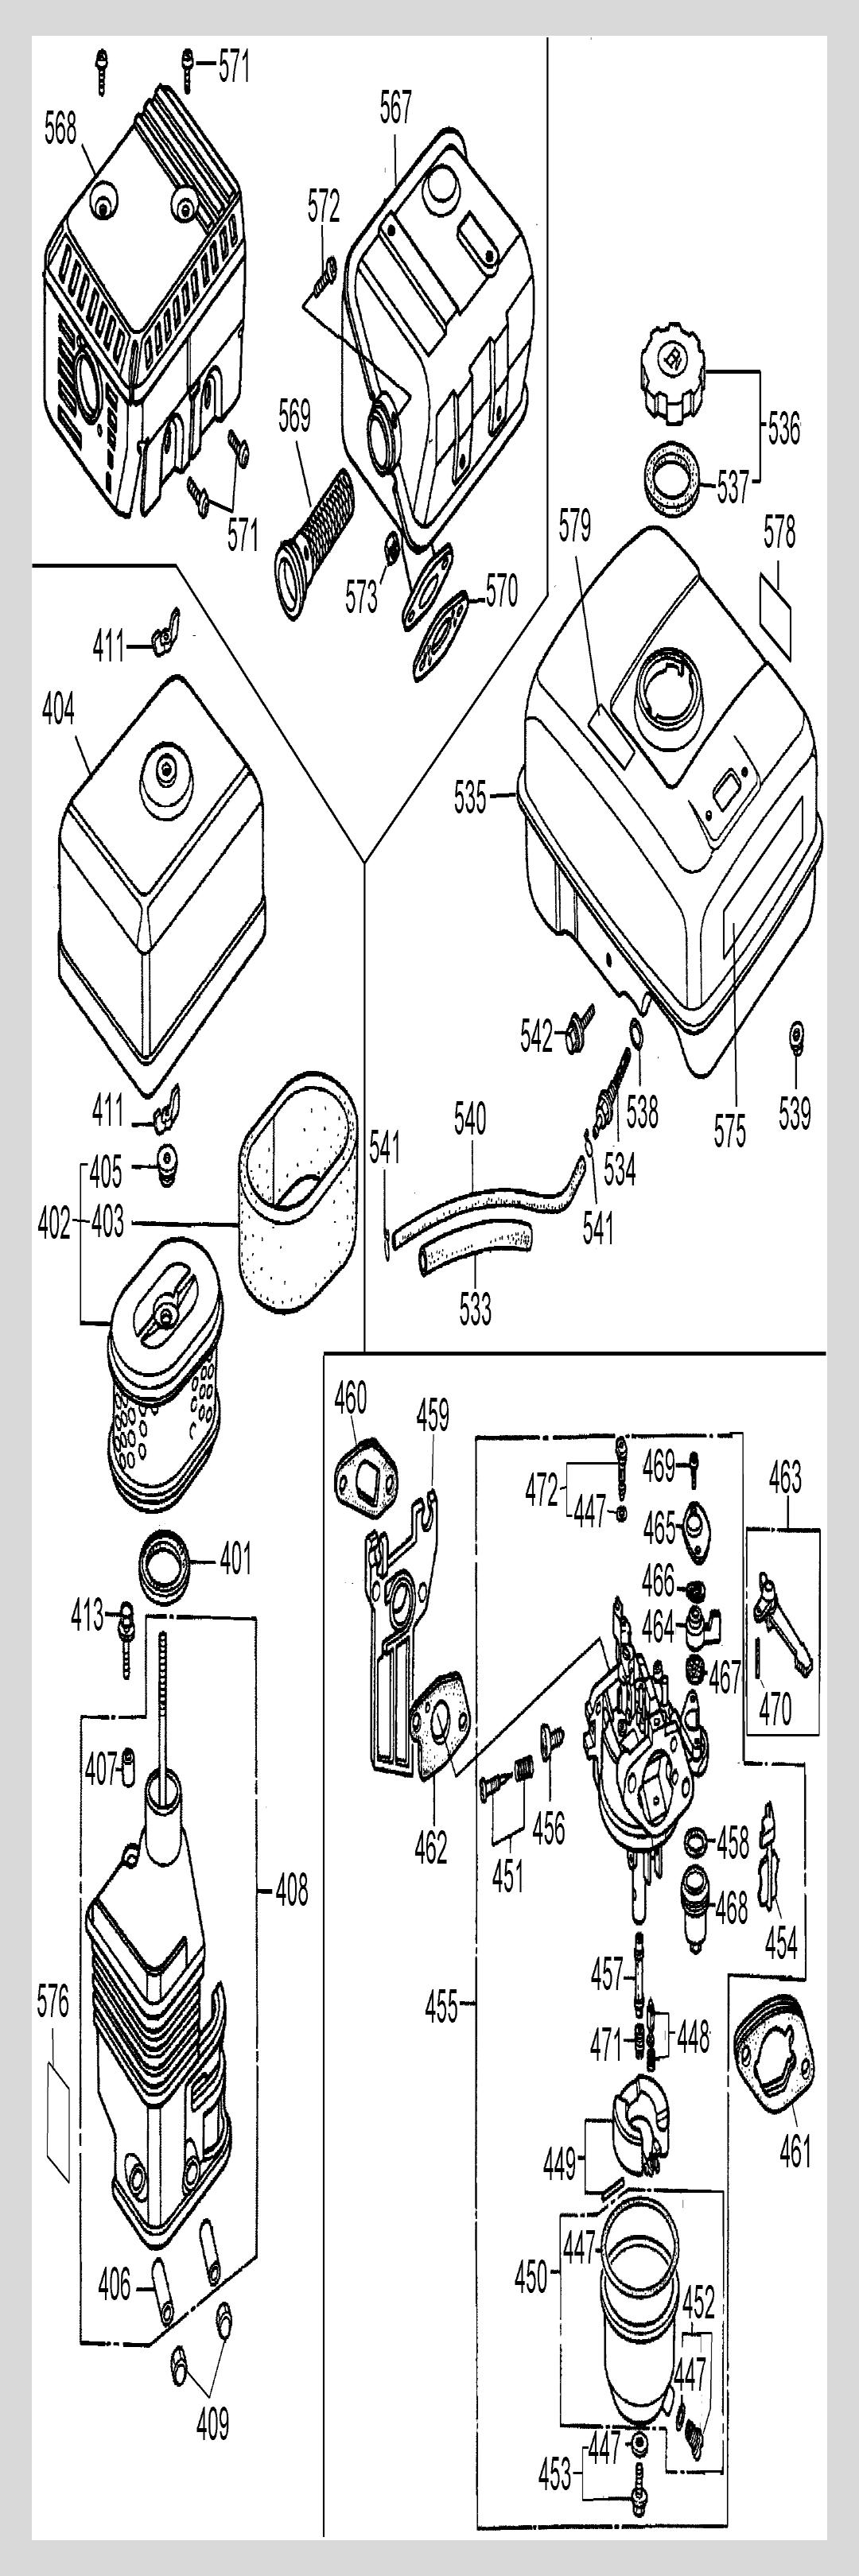 D55276-T2-Dewalt-PB-2Break Down